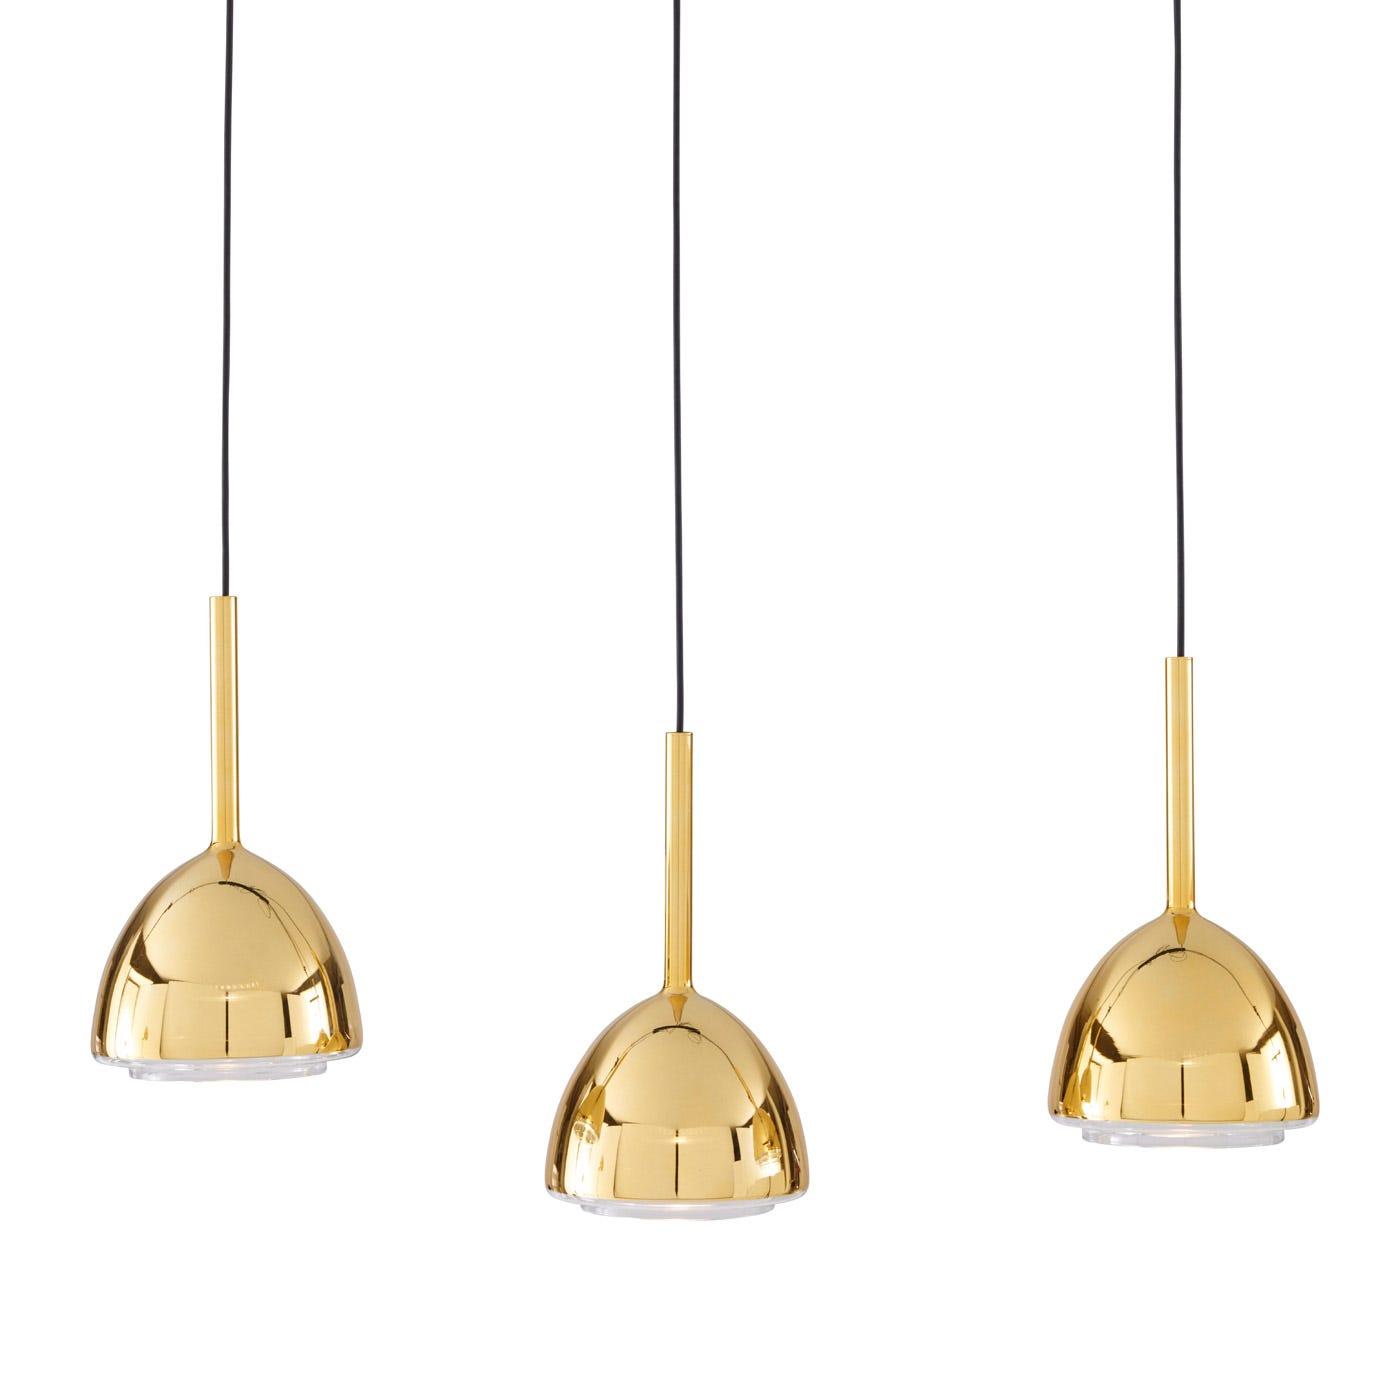 Brass Bell Set of 3 Hanging Light